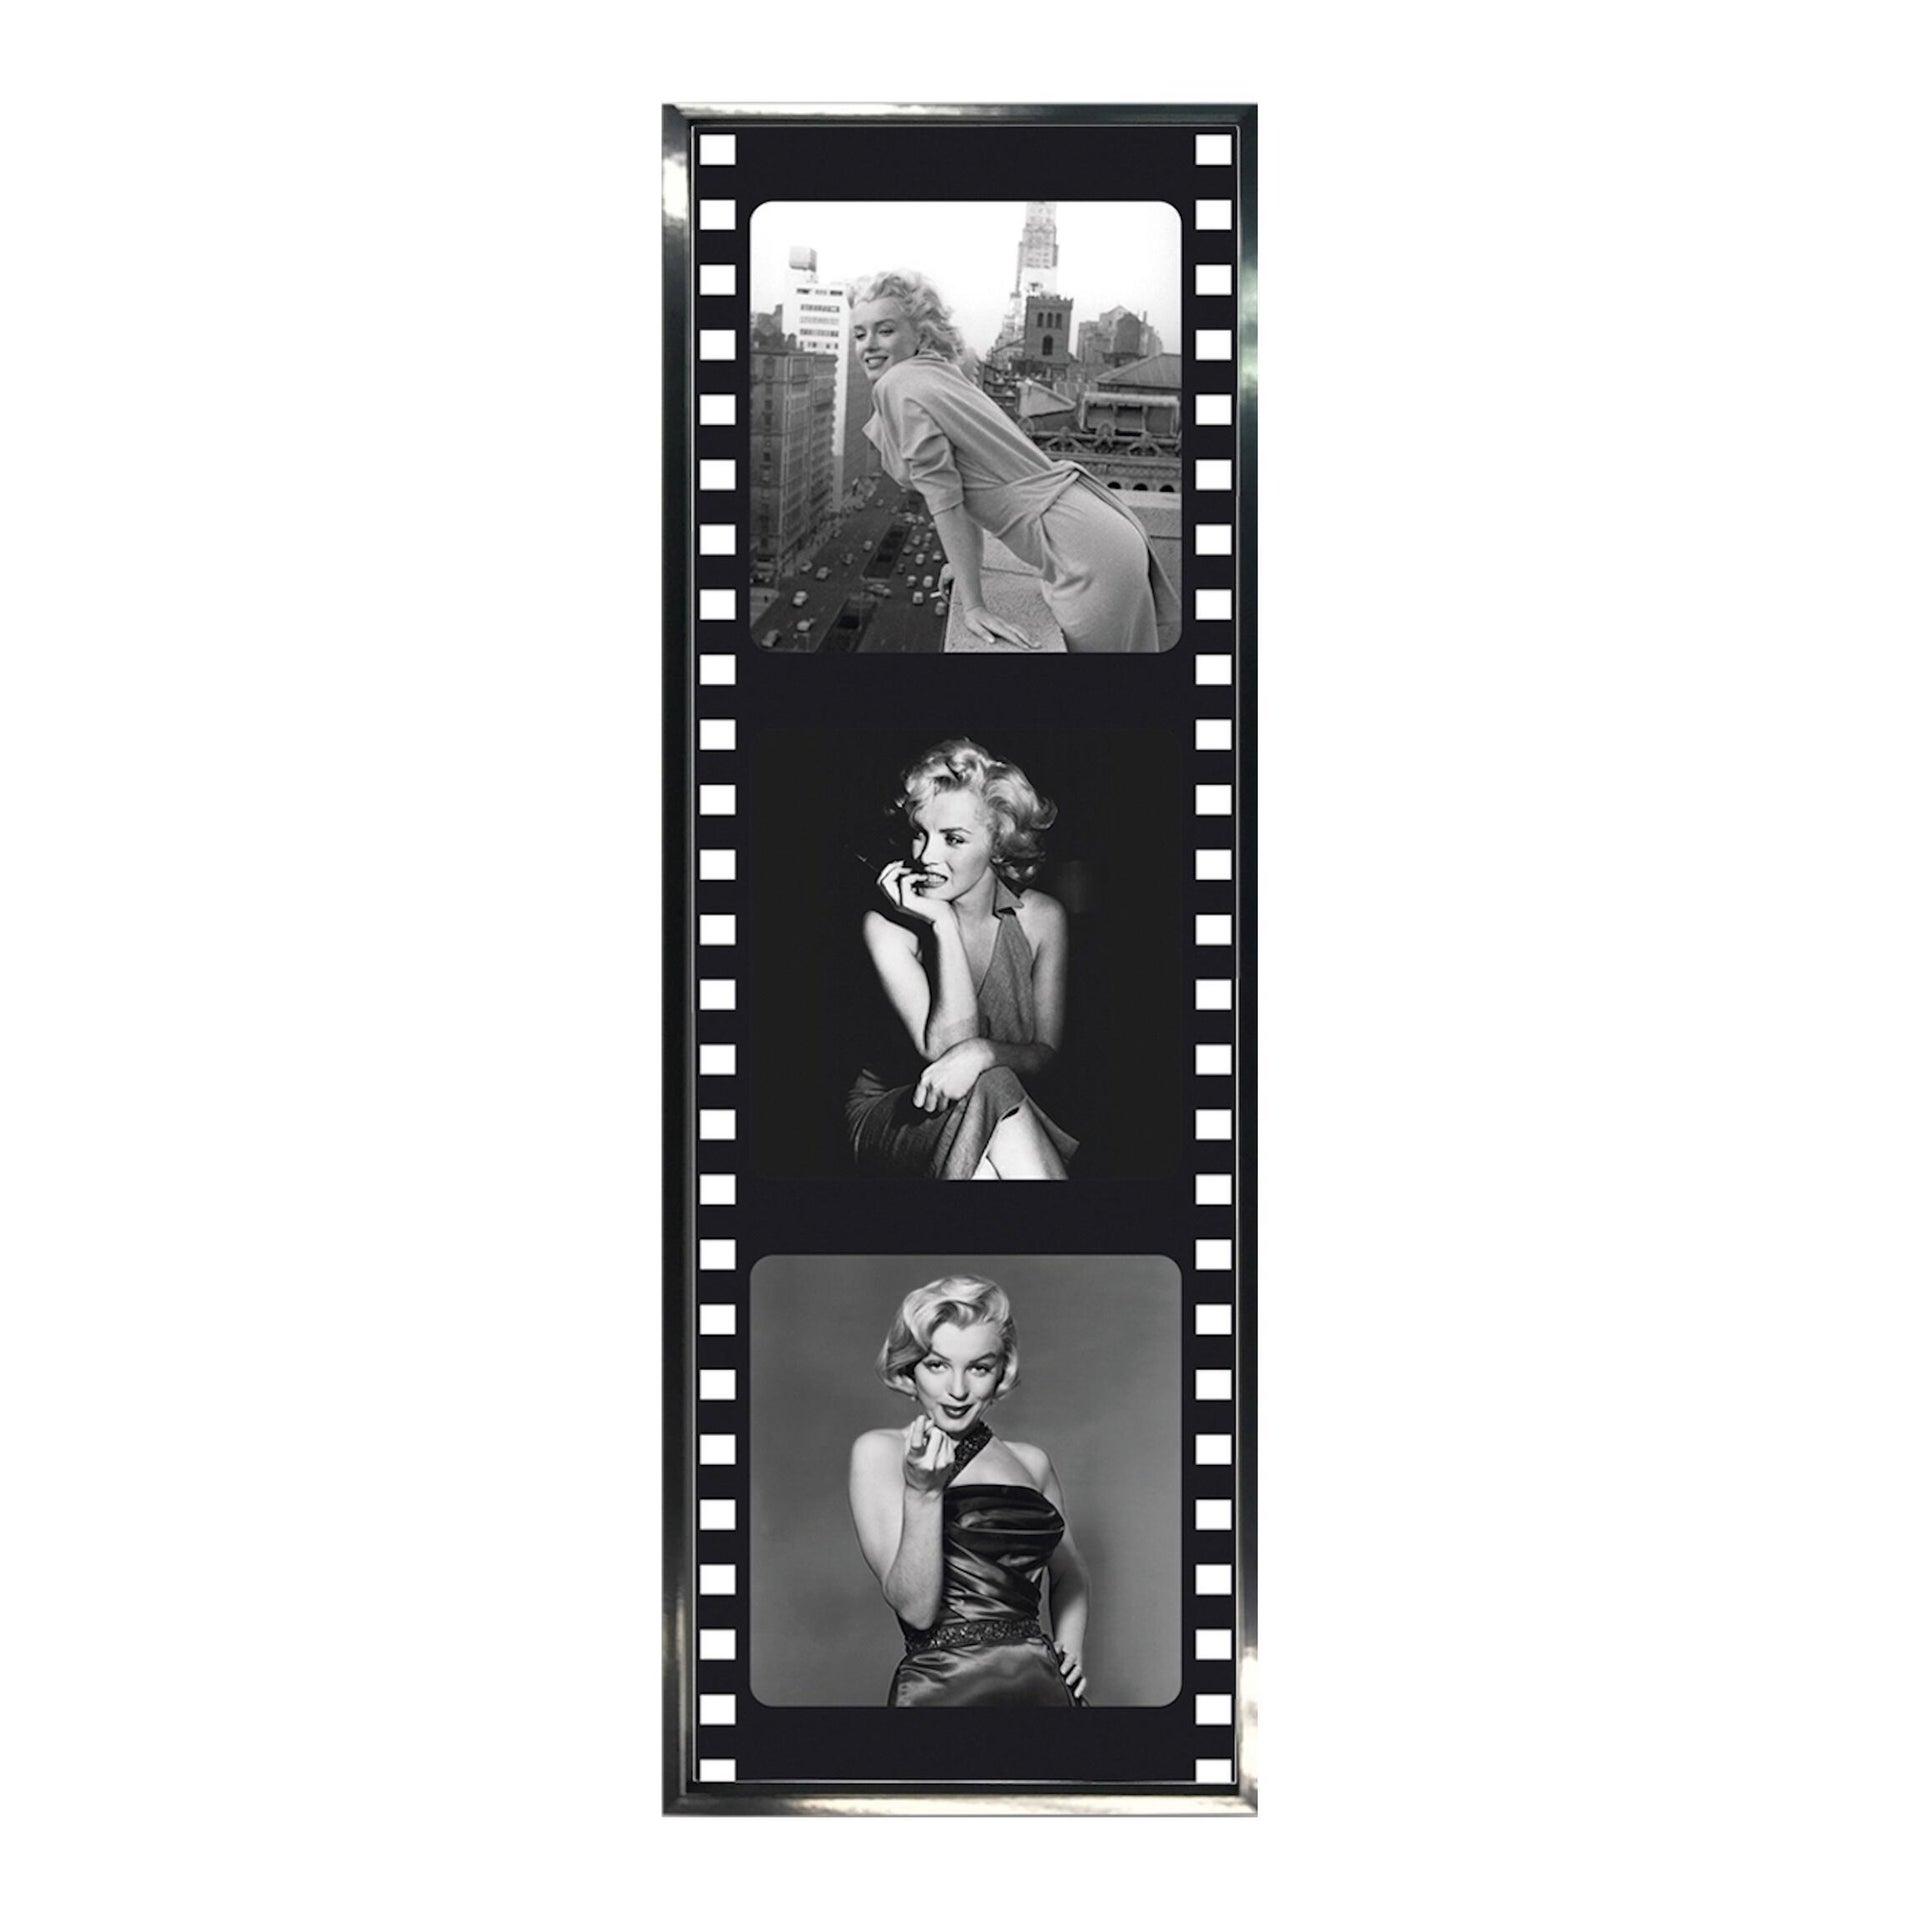 Stampa incorniciata SPN4348 31x91 cm